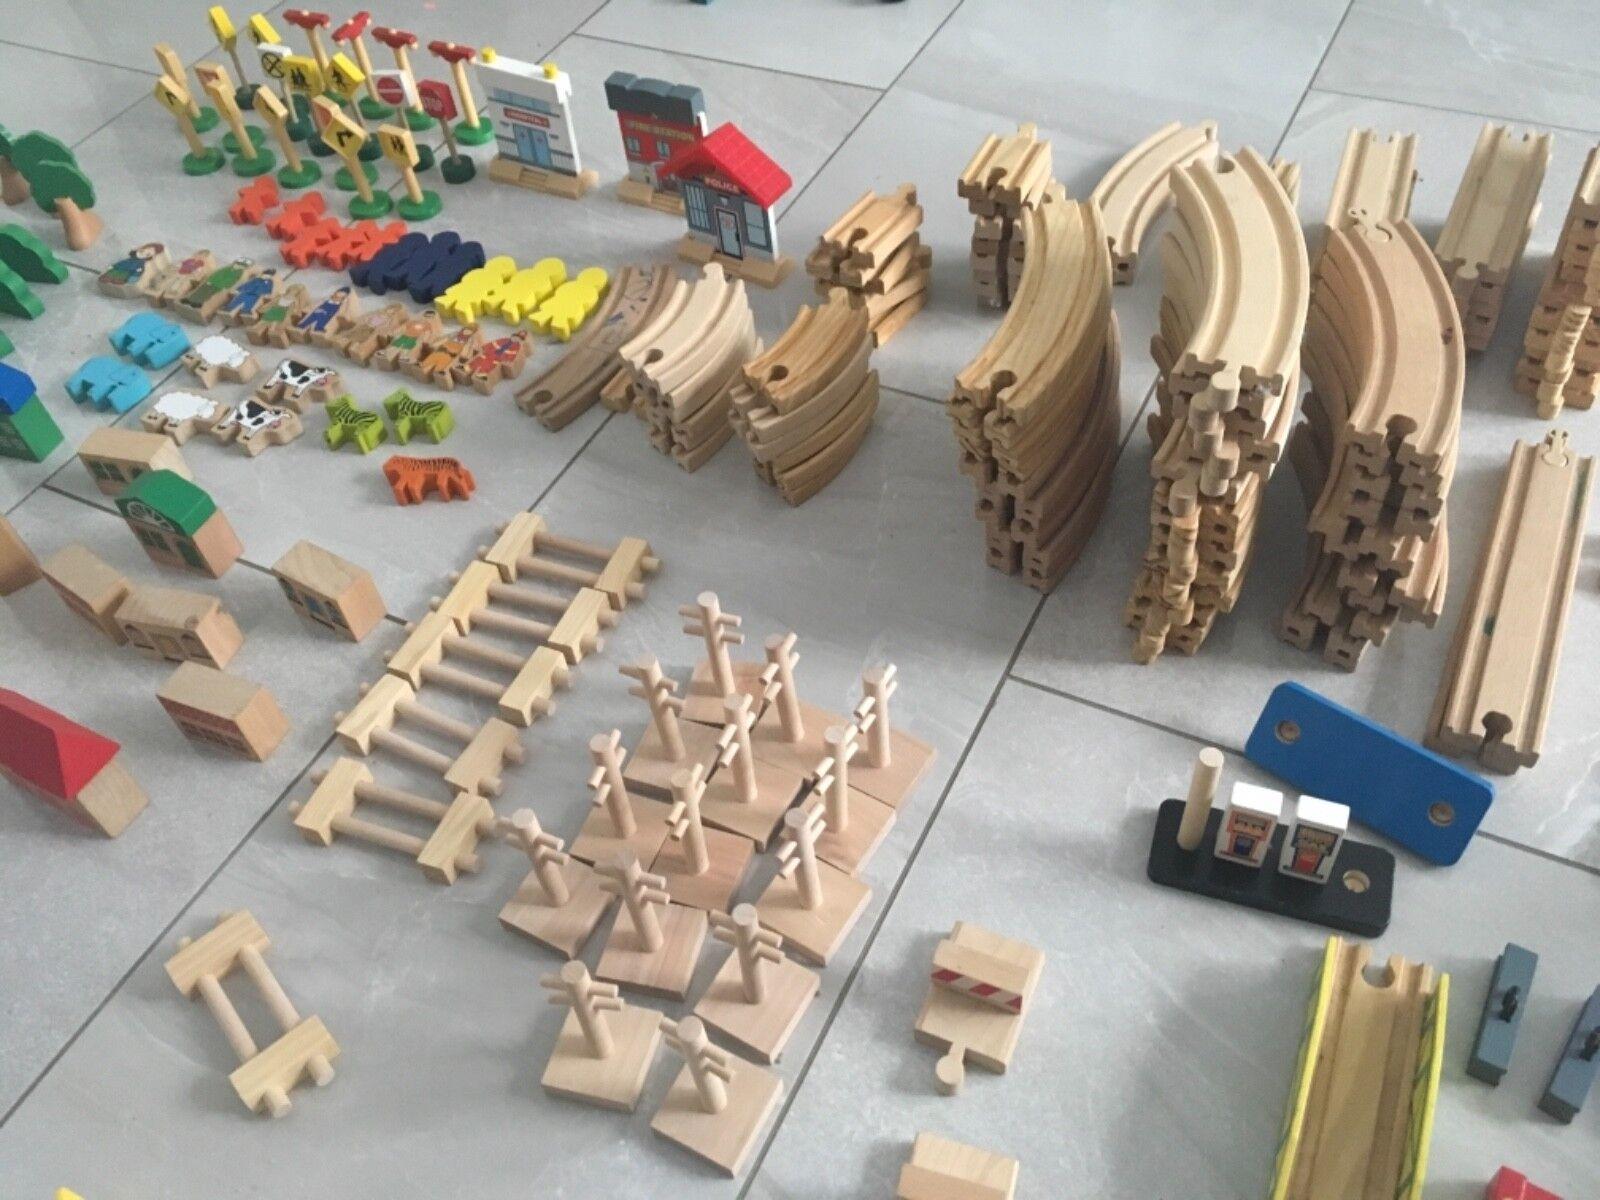 Eine grosse Holzeisenbahn Besteehend aus mehreren Sets